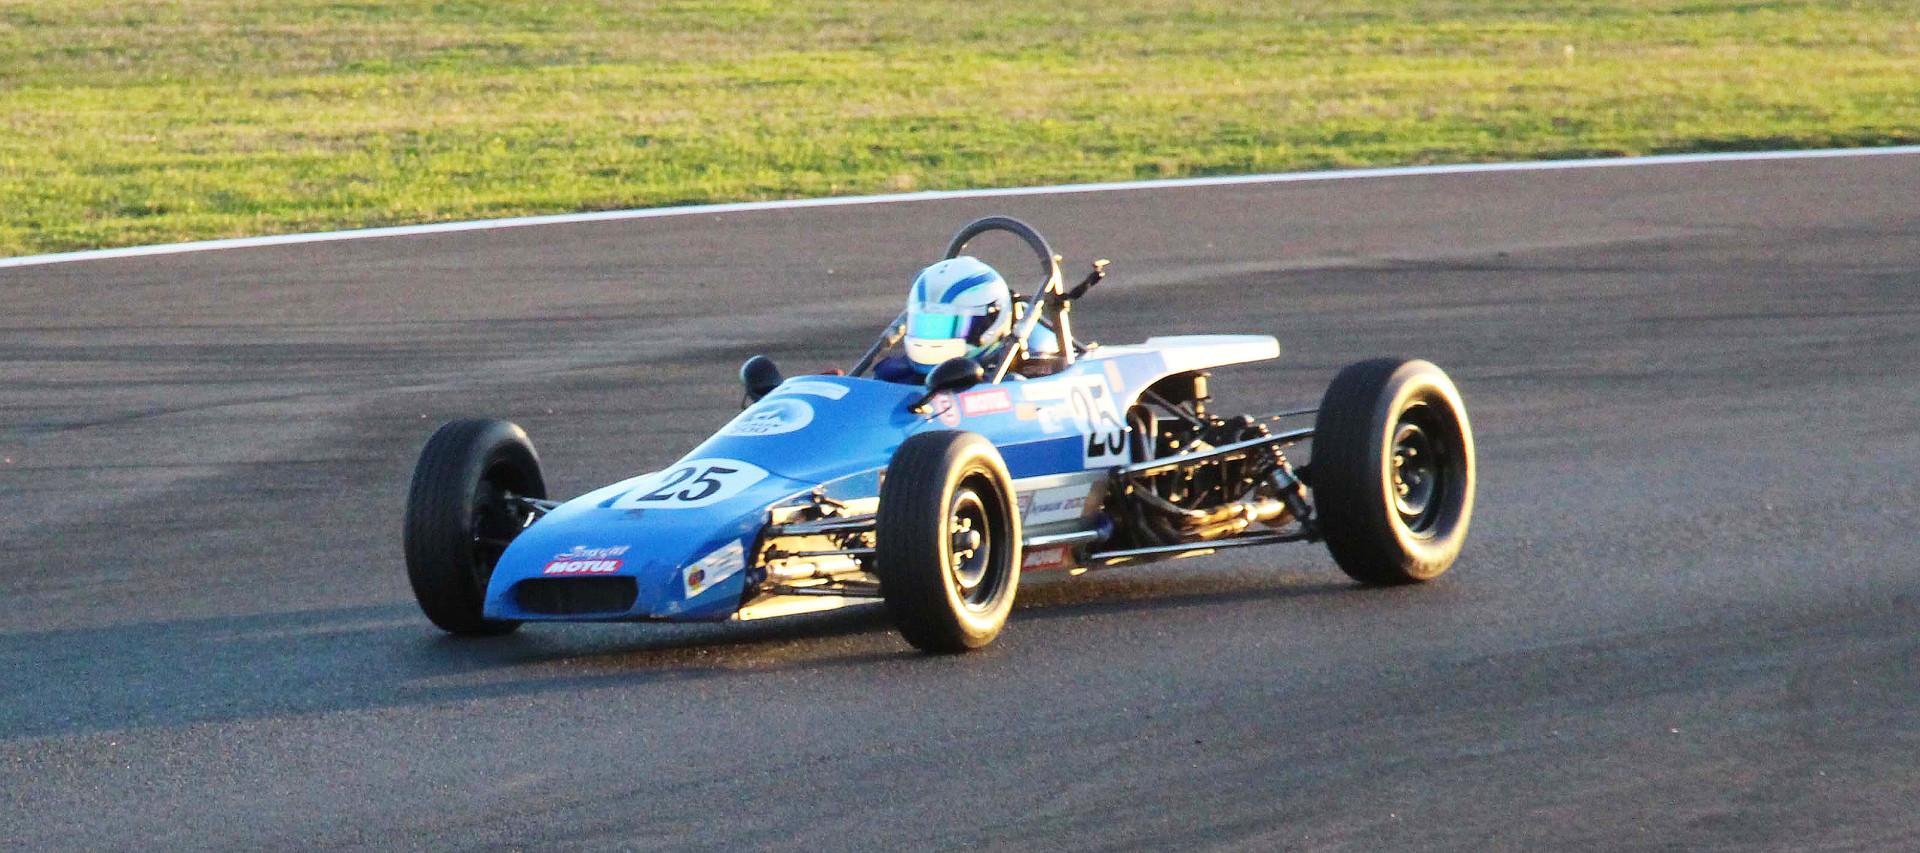 Lola T540 F.Belle